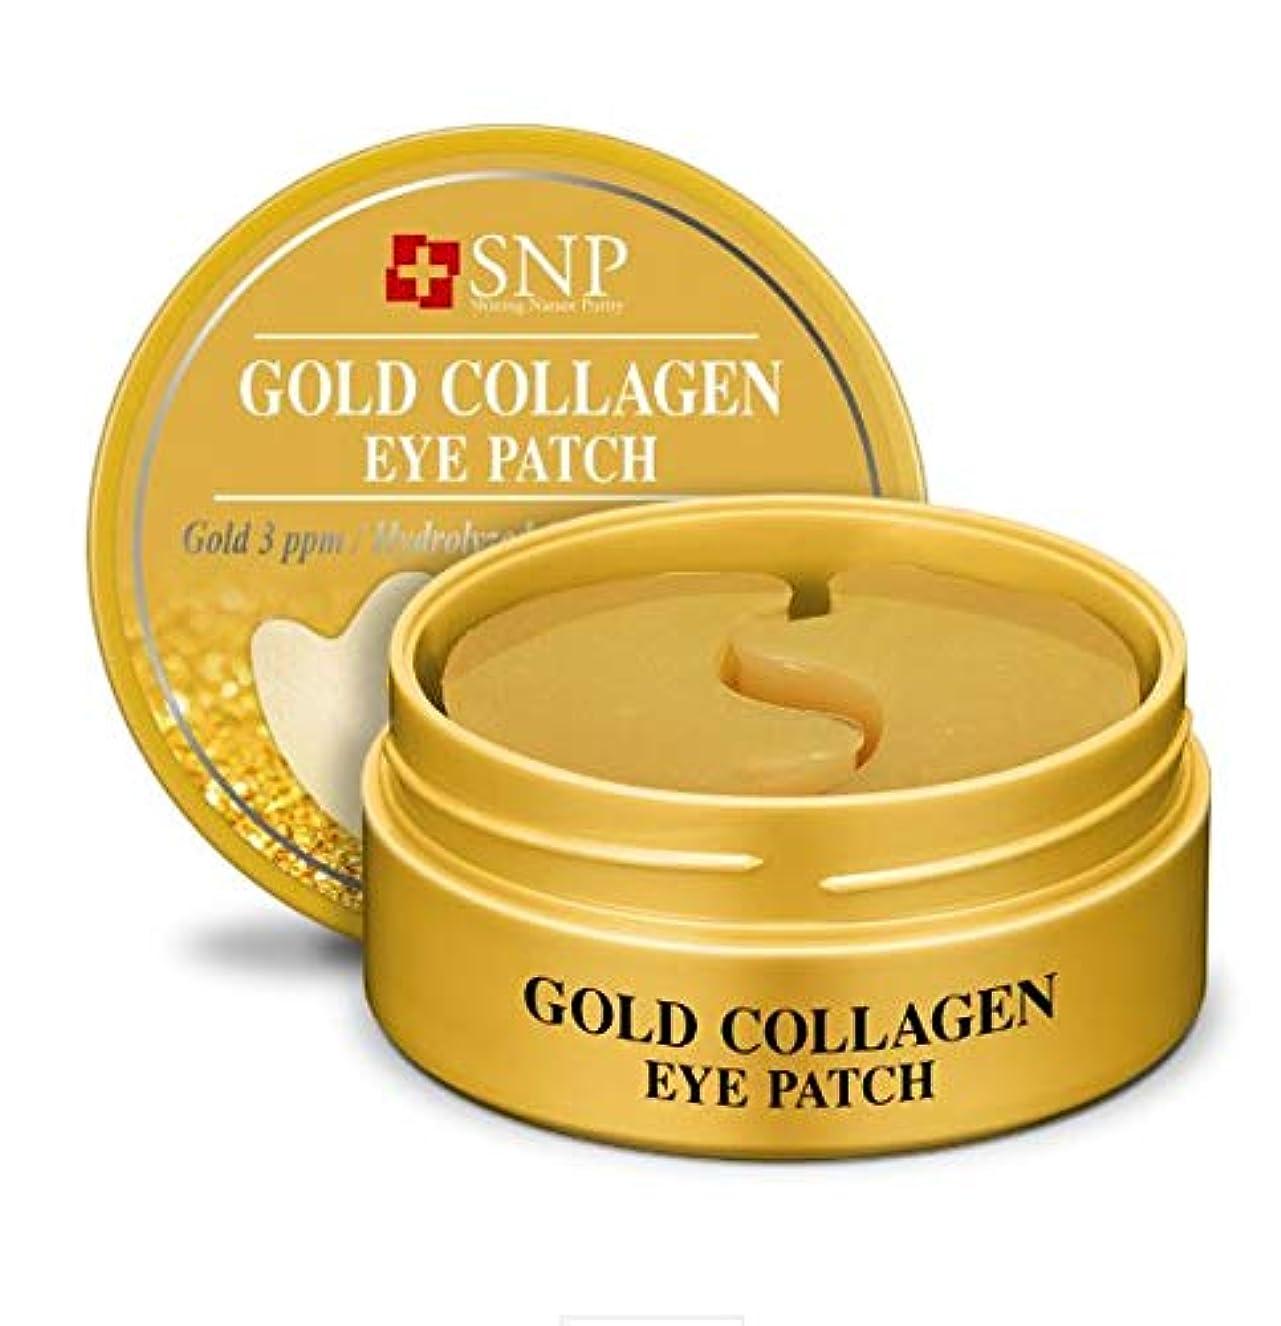 討論タービンに負けるSNP Gold Collagen Eye Patch 60ea/SNP ゴールド コラーゲン アイパッチ 60枚入り [並行輸入品]